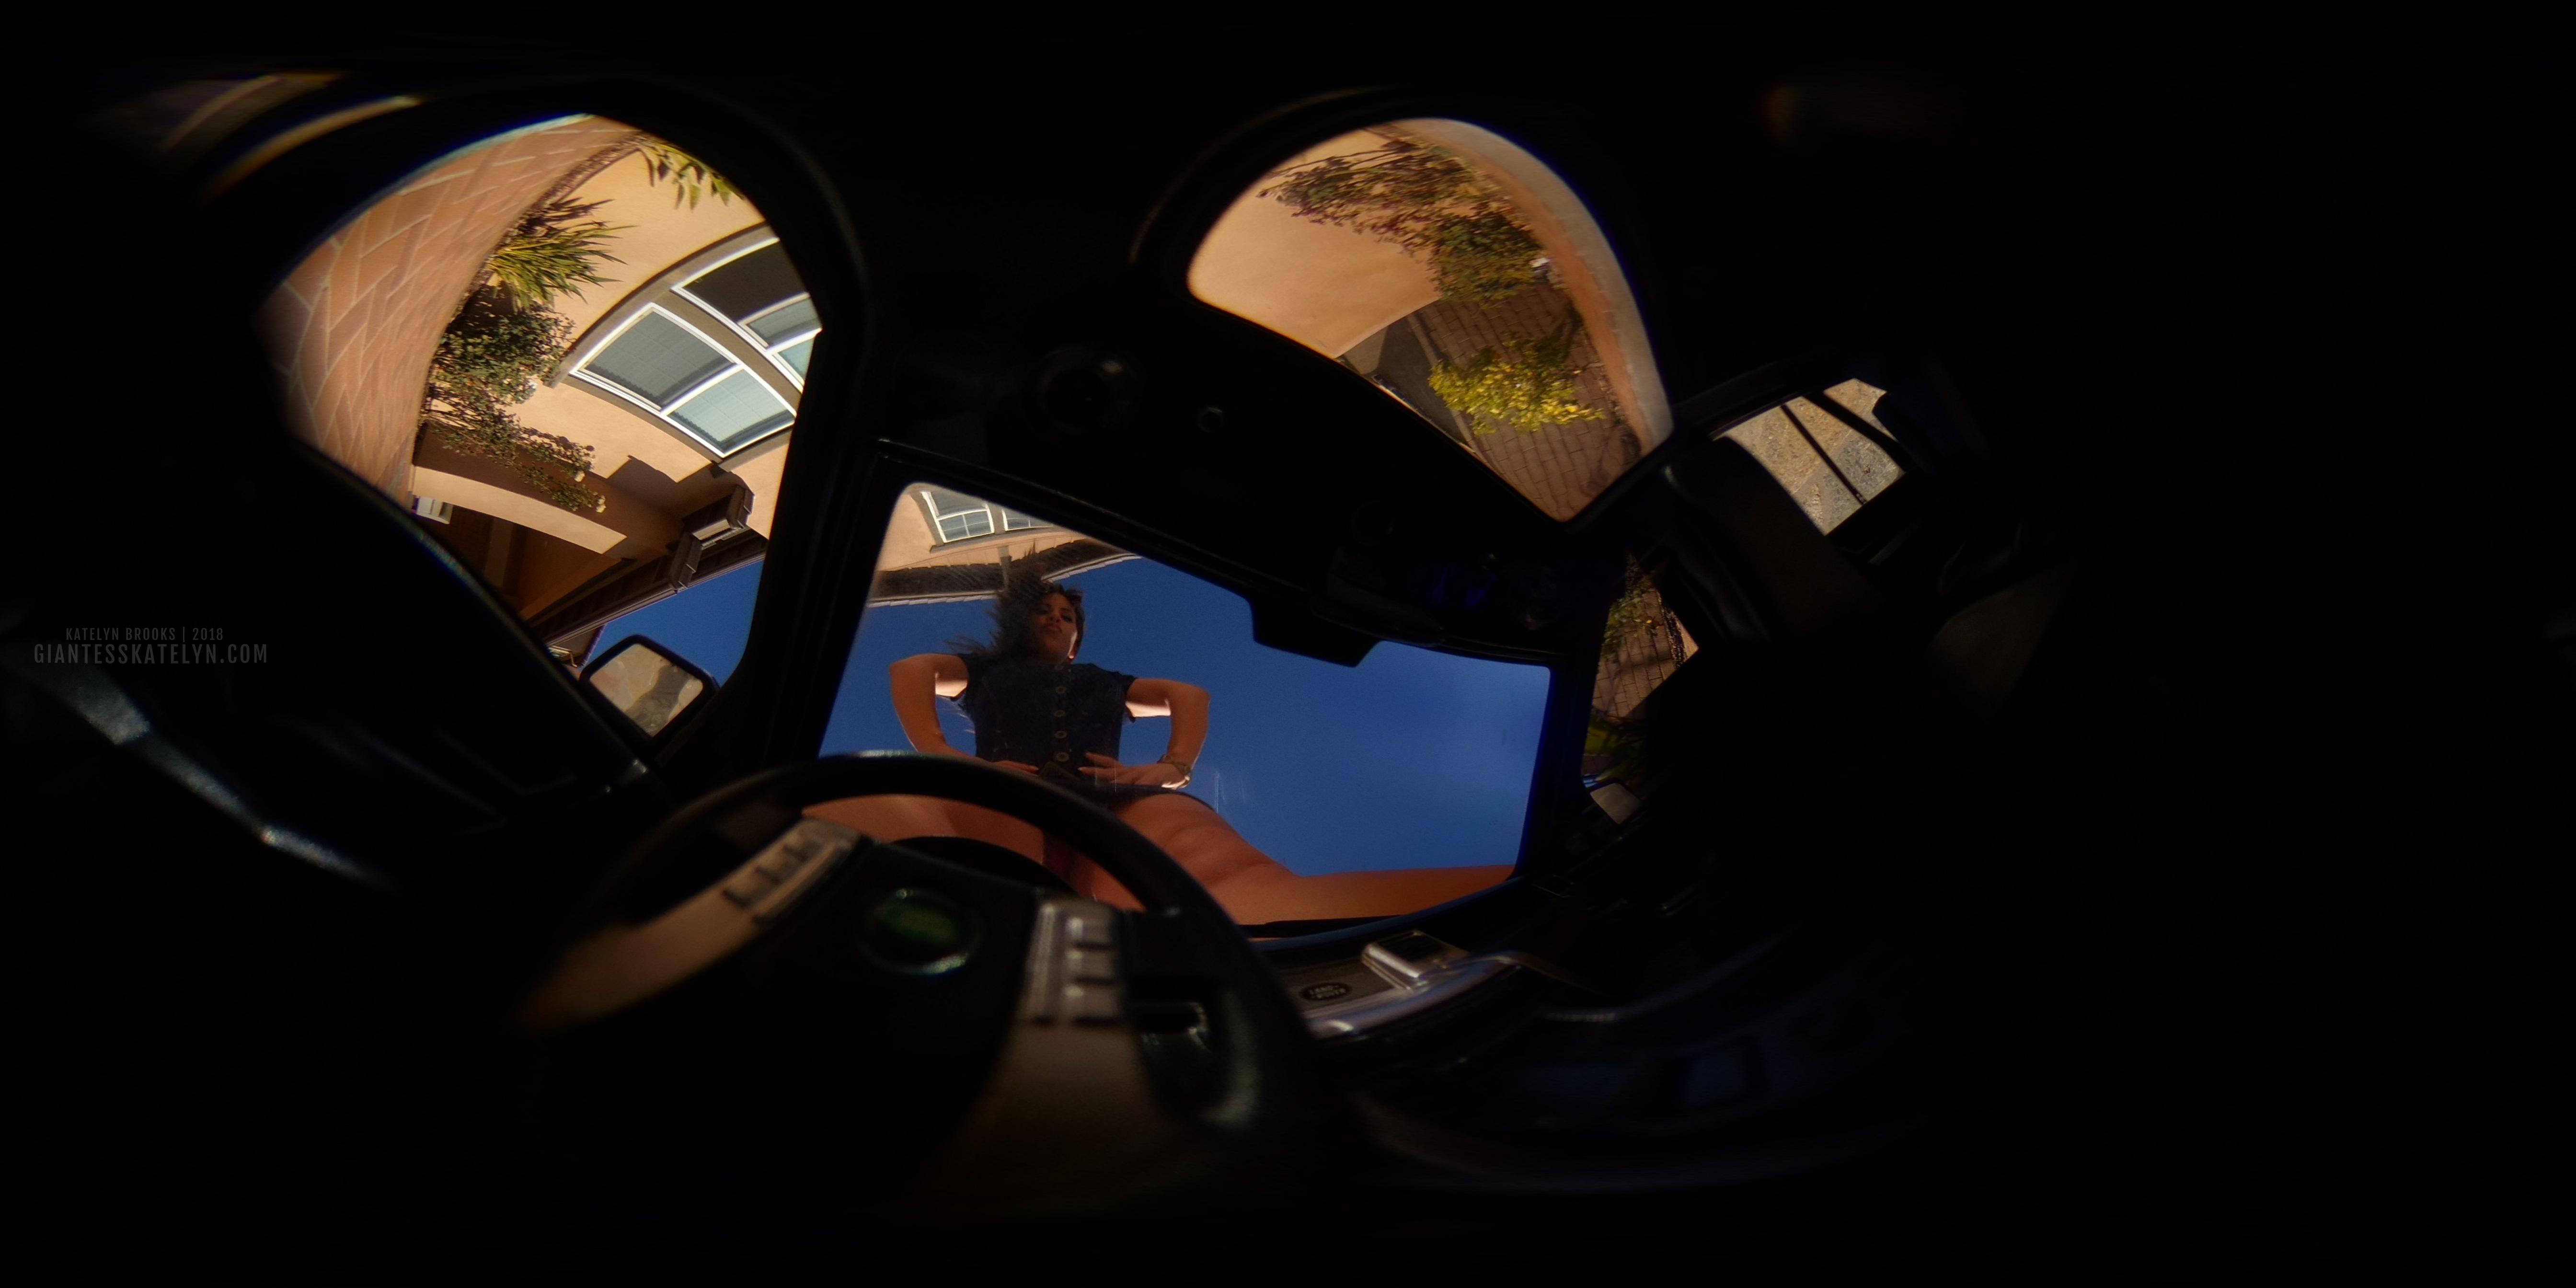 360-4k-vr-shrunken-man-pov-inside-car-03